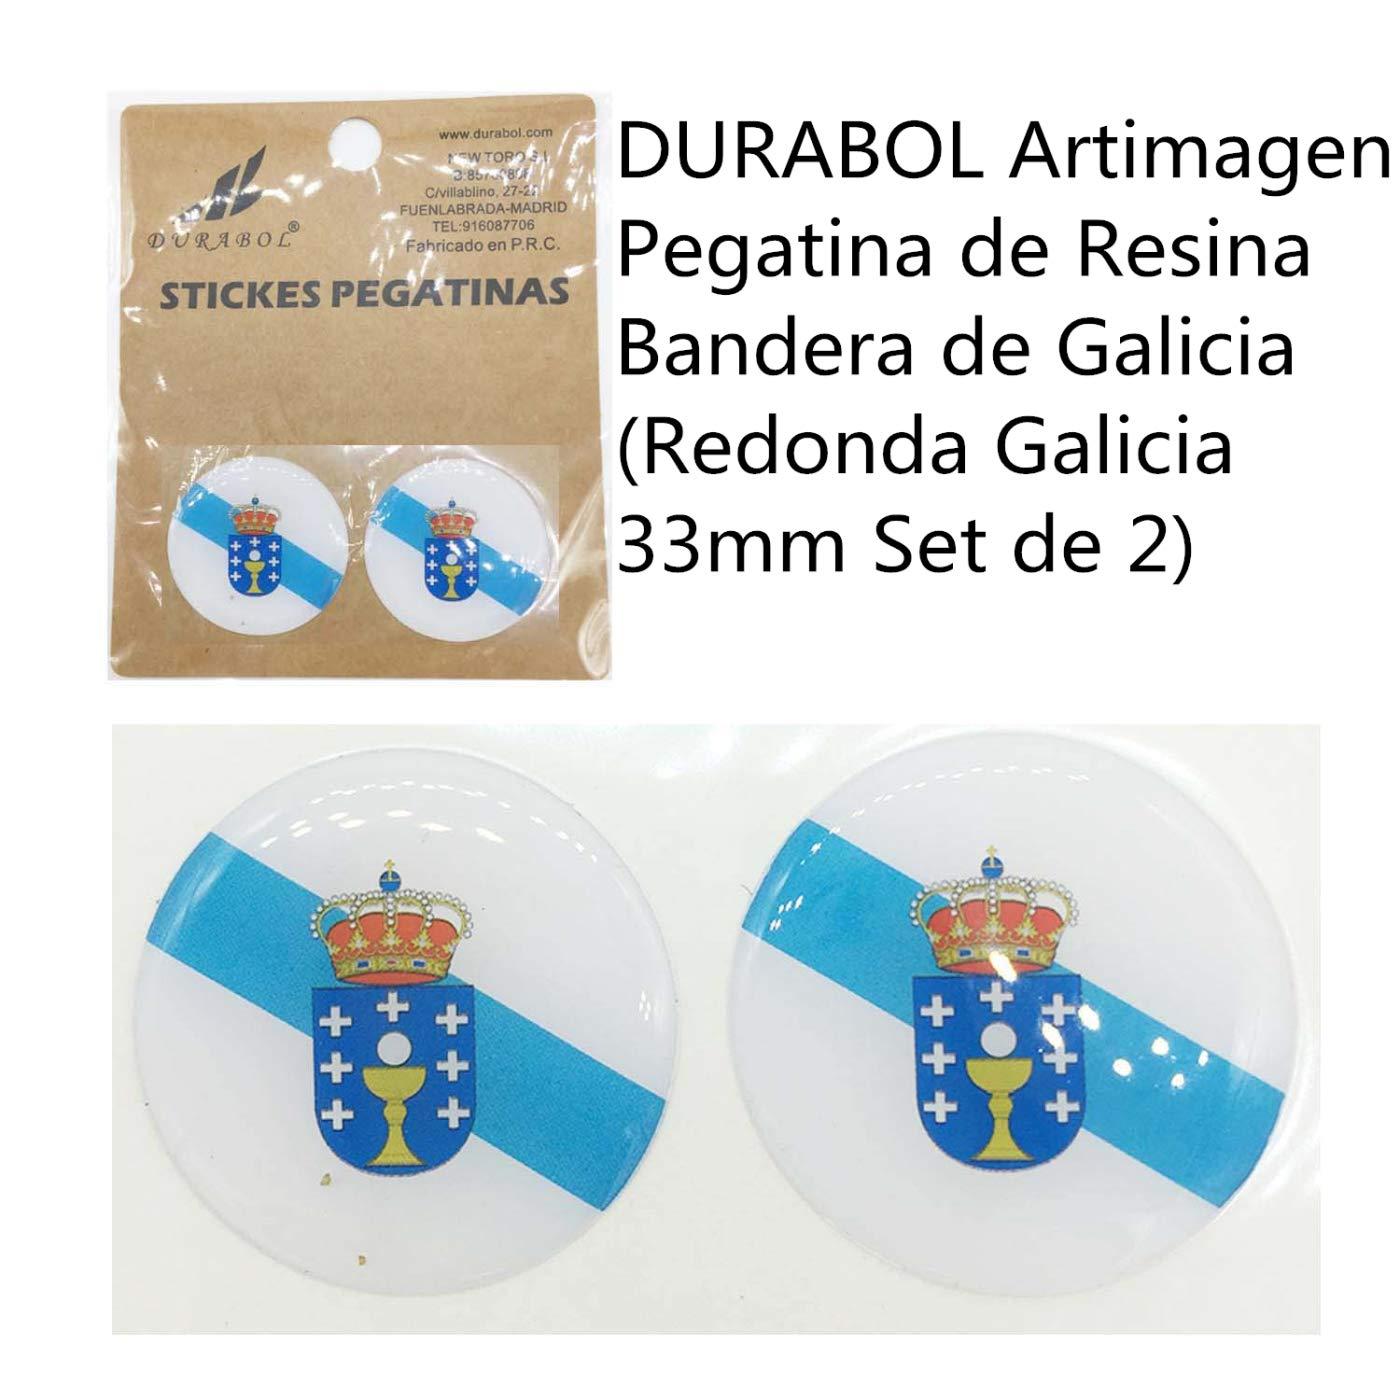 GALLEGA DURABOL Artimagen Pegatina de Resina Bandera de Galicia Rectangular Galicia 26x16mm Set de 6